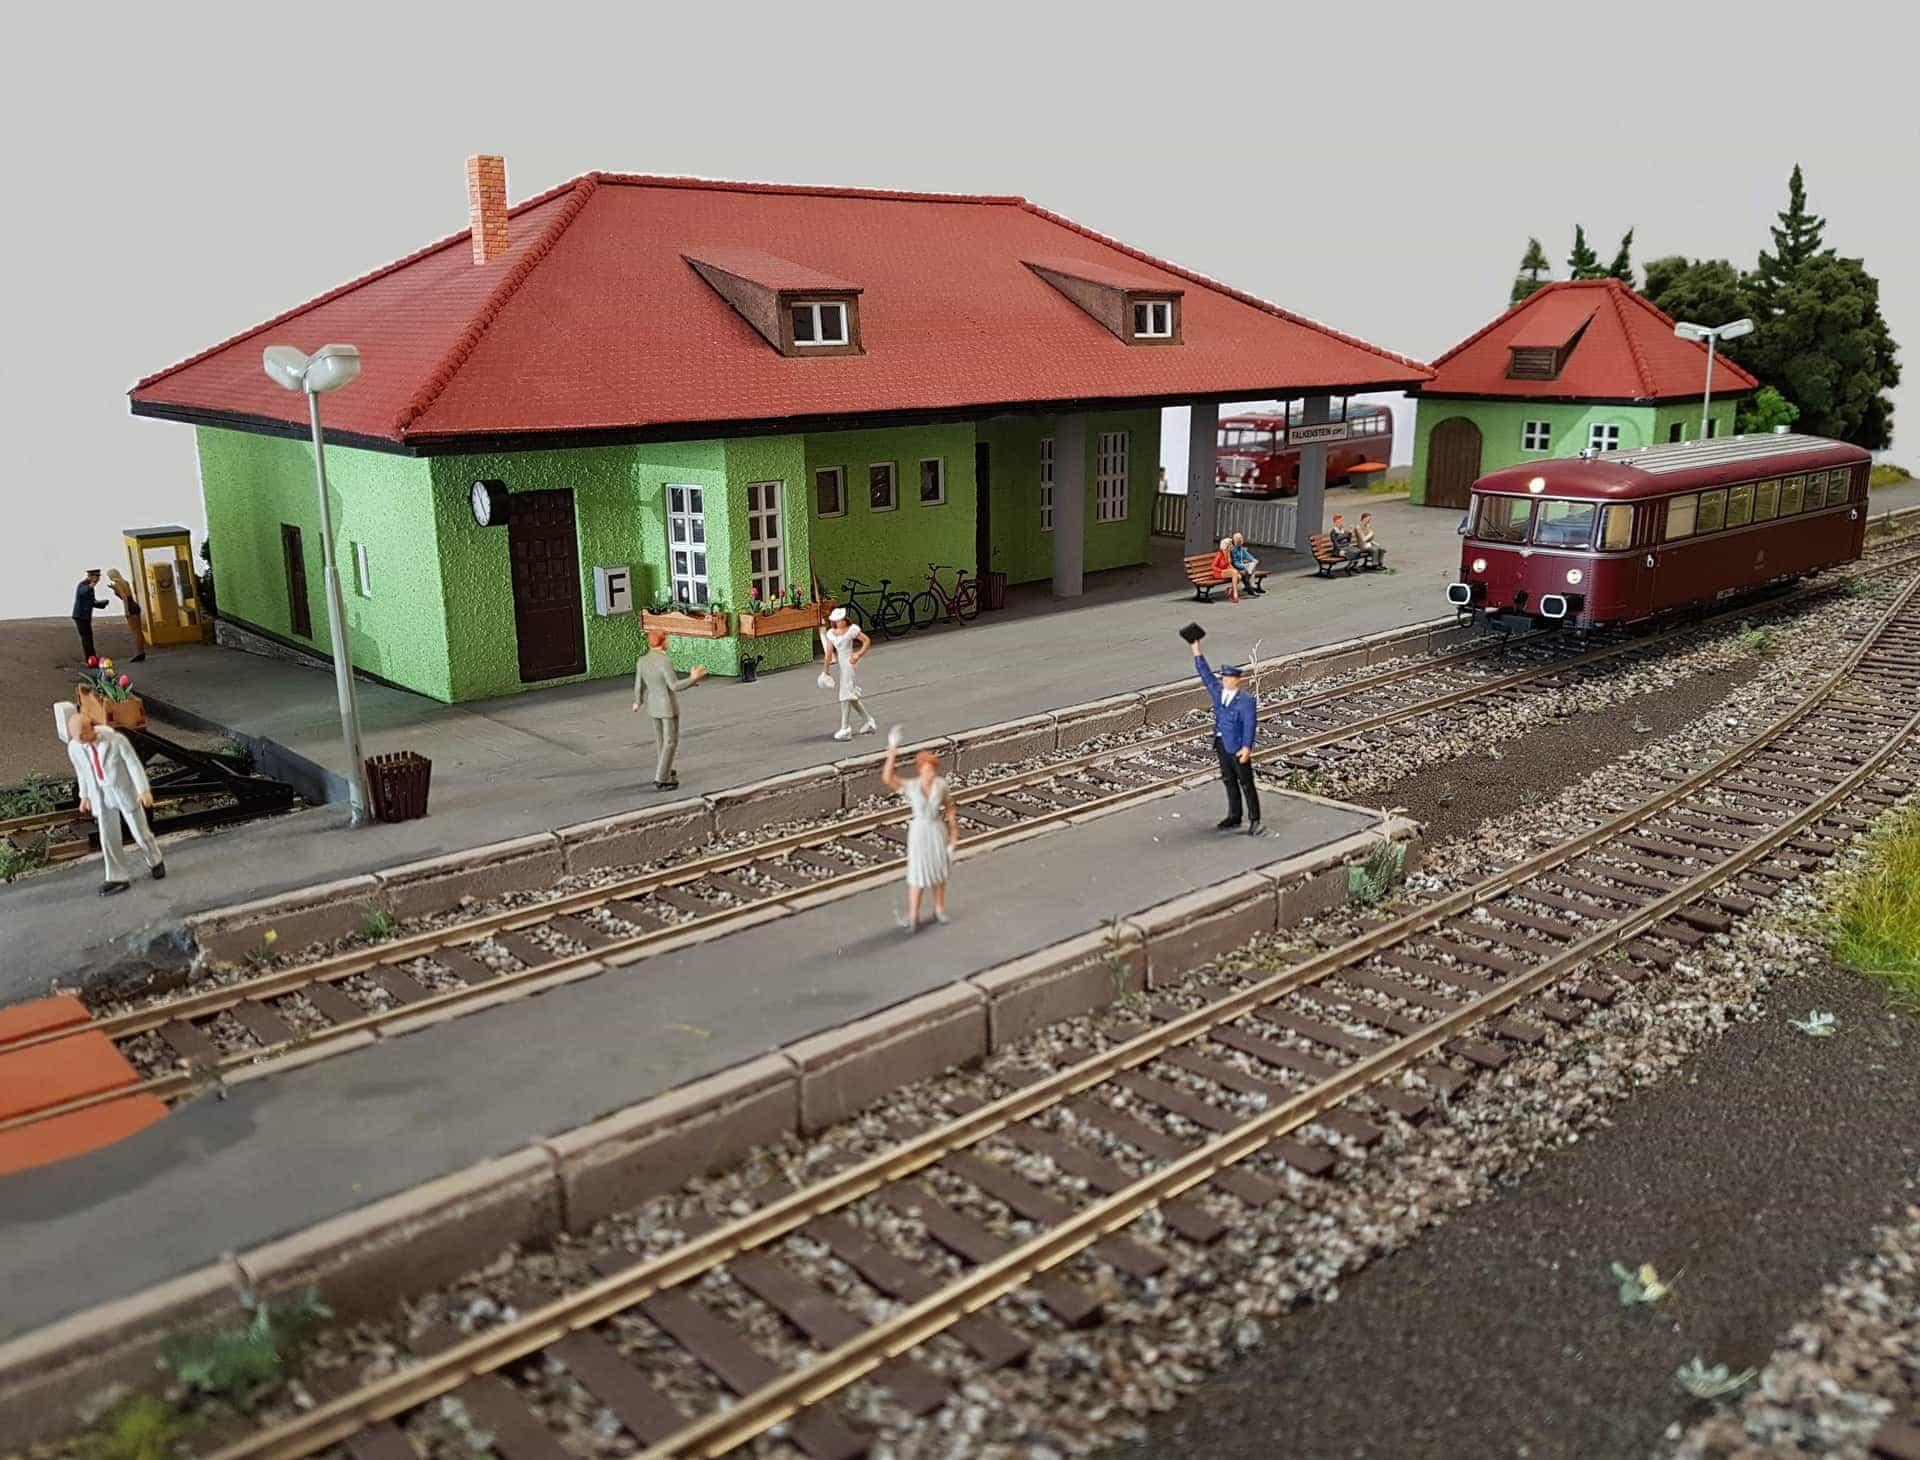 30. Regenstaufer Modellbahnbörse Alles über Modellbahn-Neuheiten der Nürnberger Spielwarenmesse